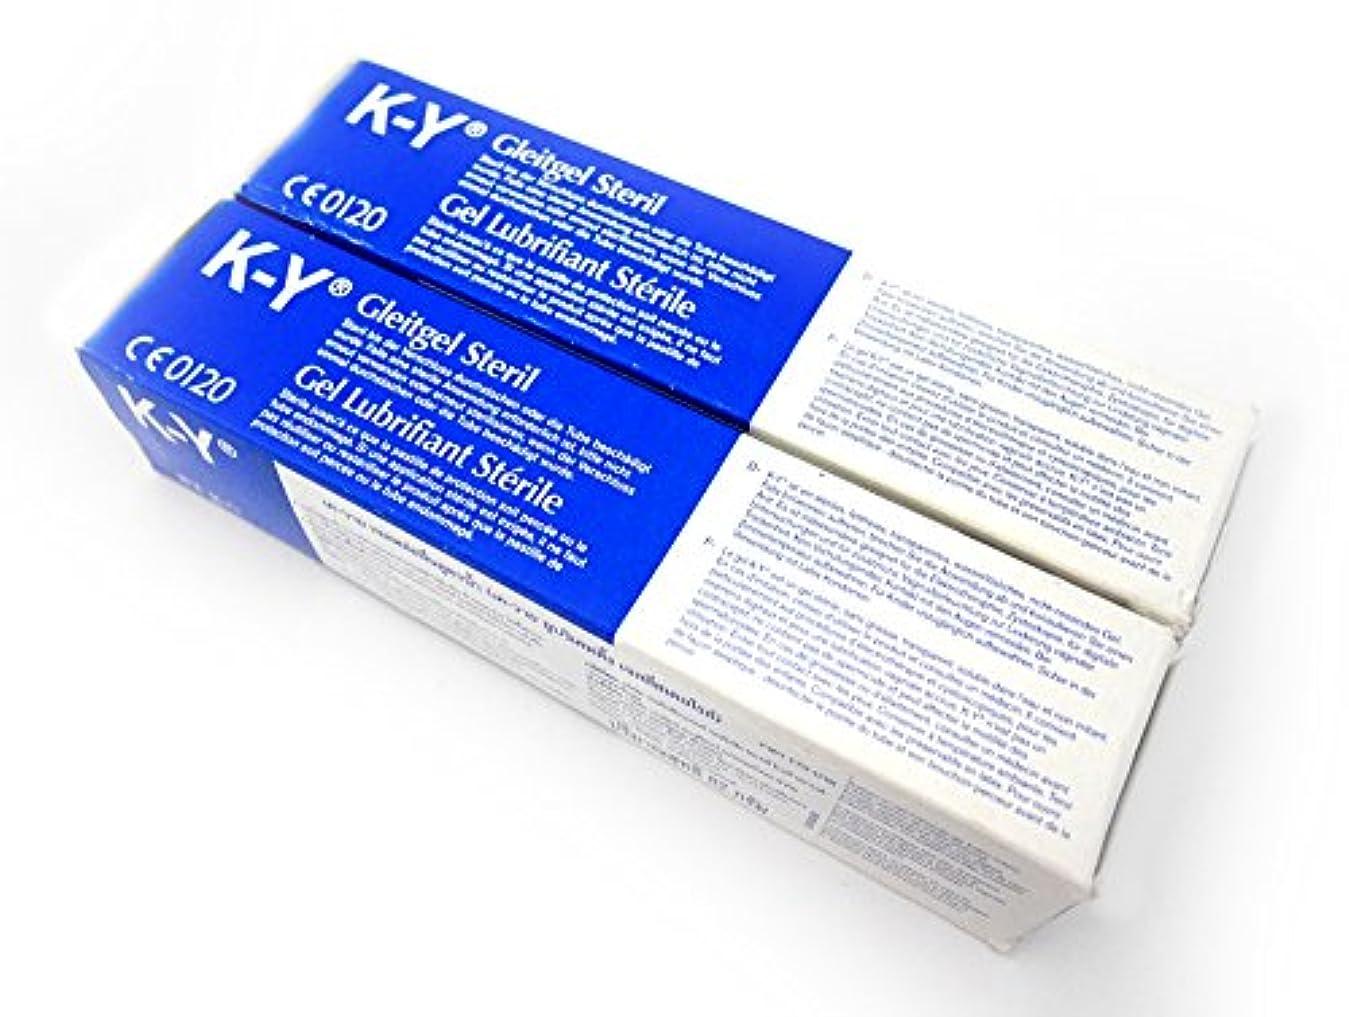 ワイヤーポルノ拒絶KYゼリー (82g x 2本)